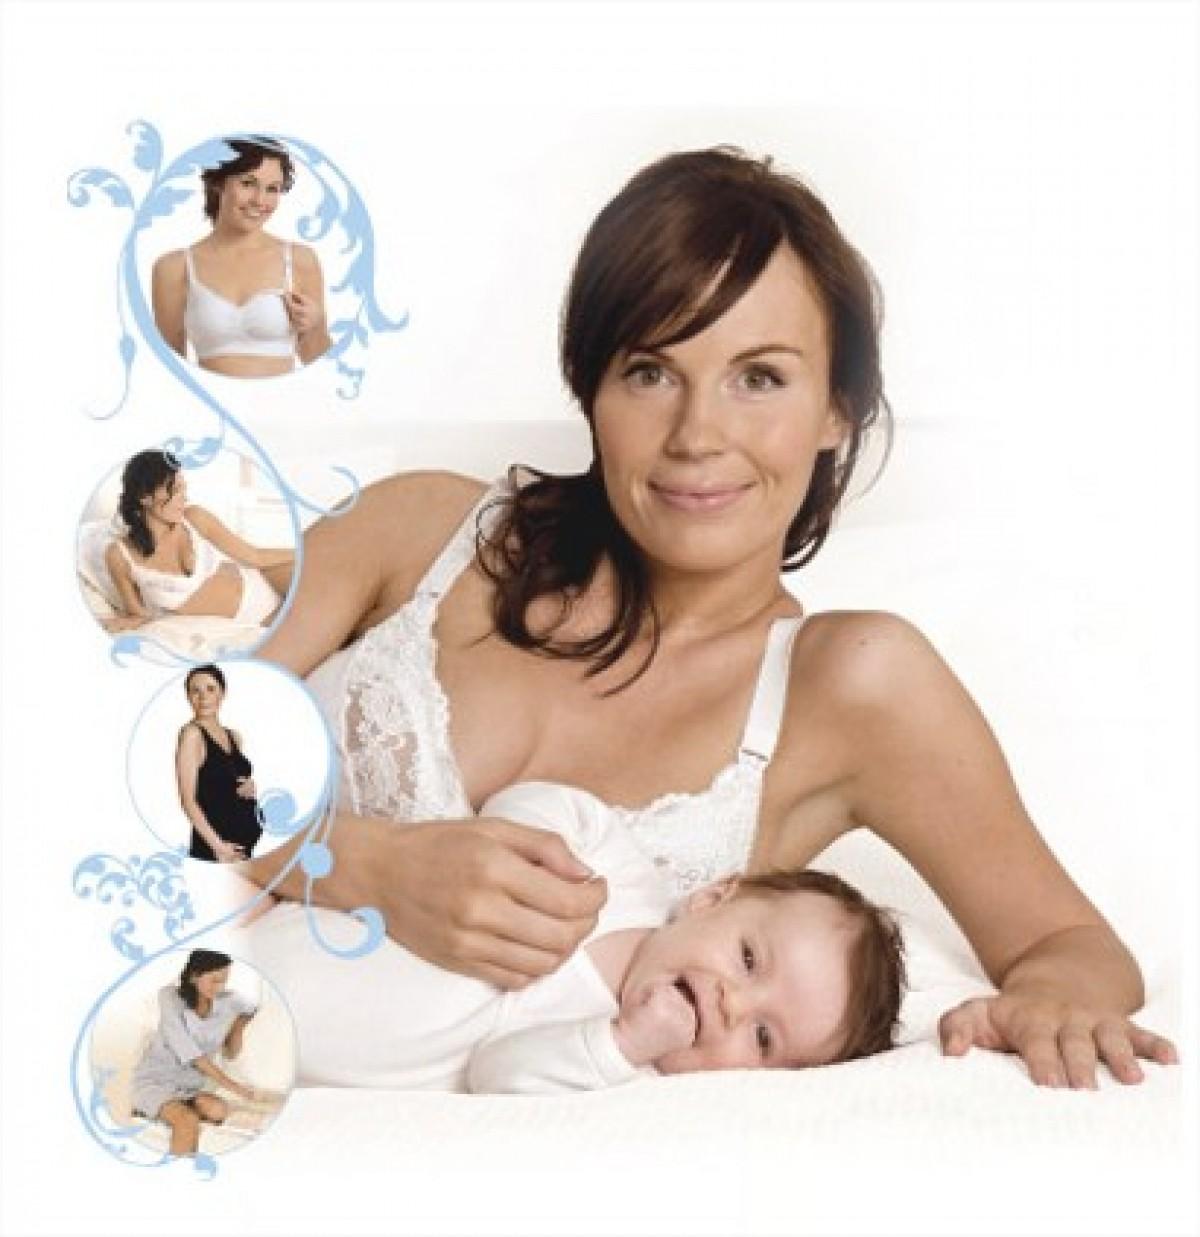 Προσφορά: -20% σε όλα τα εσώρουχα εγκυμοσύνης και θηλασμού Carriwell!